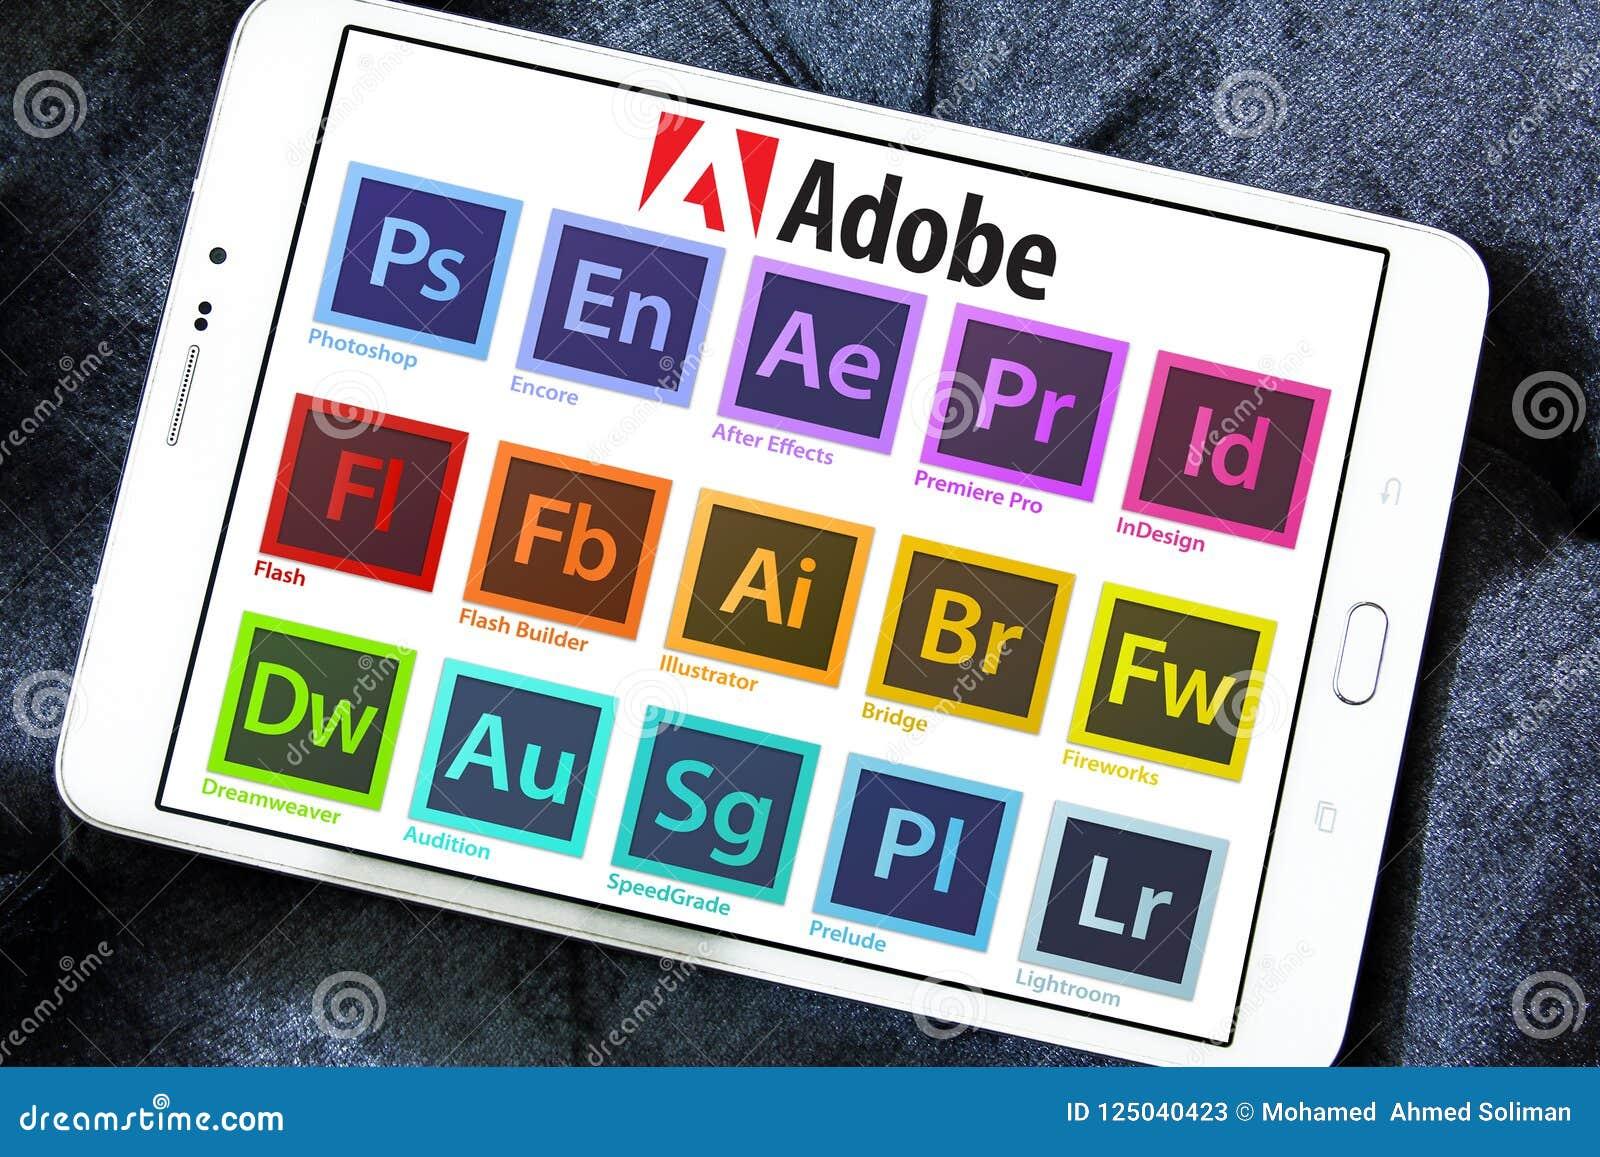 Adobe programme des icônes